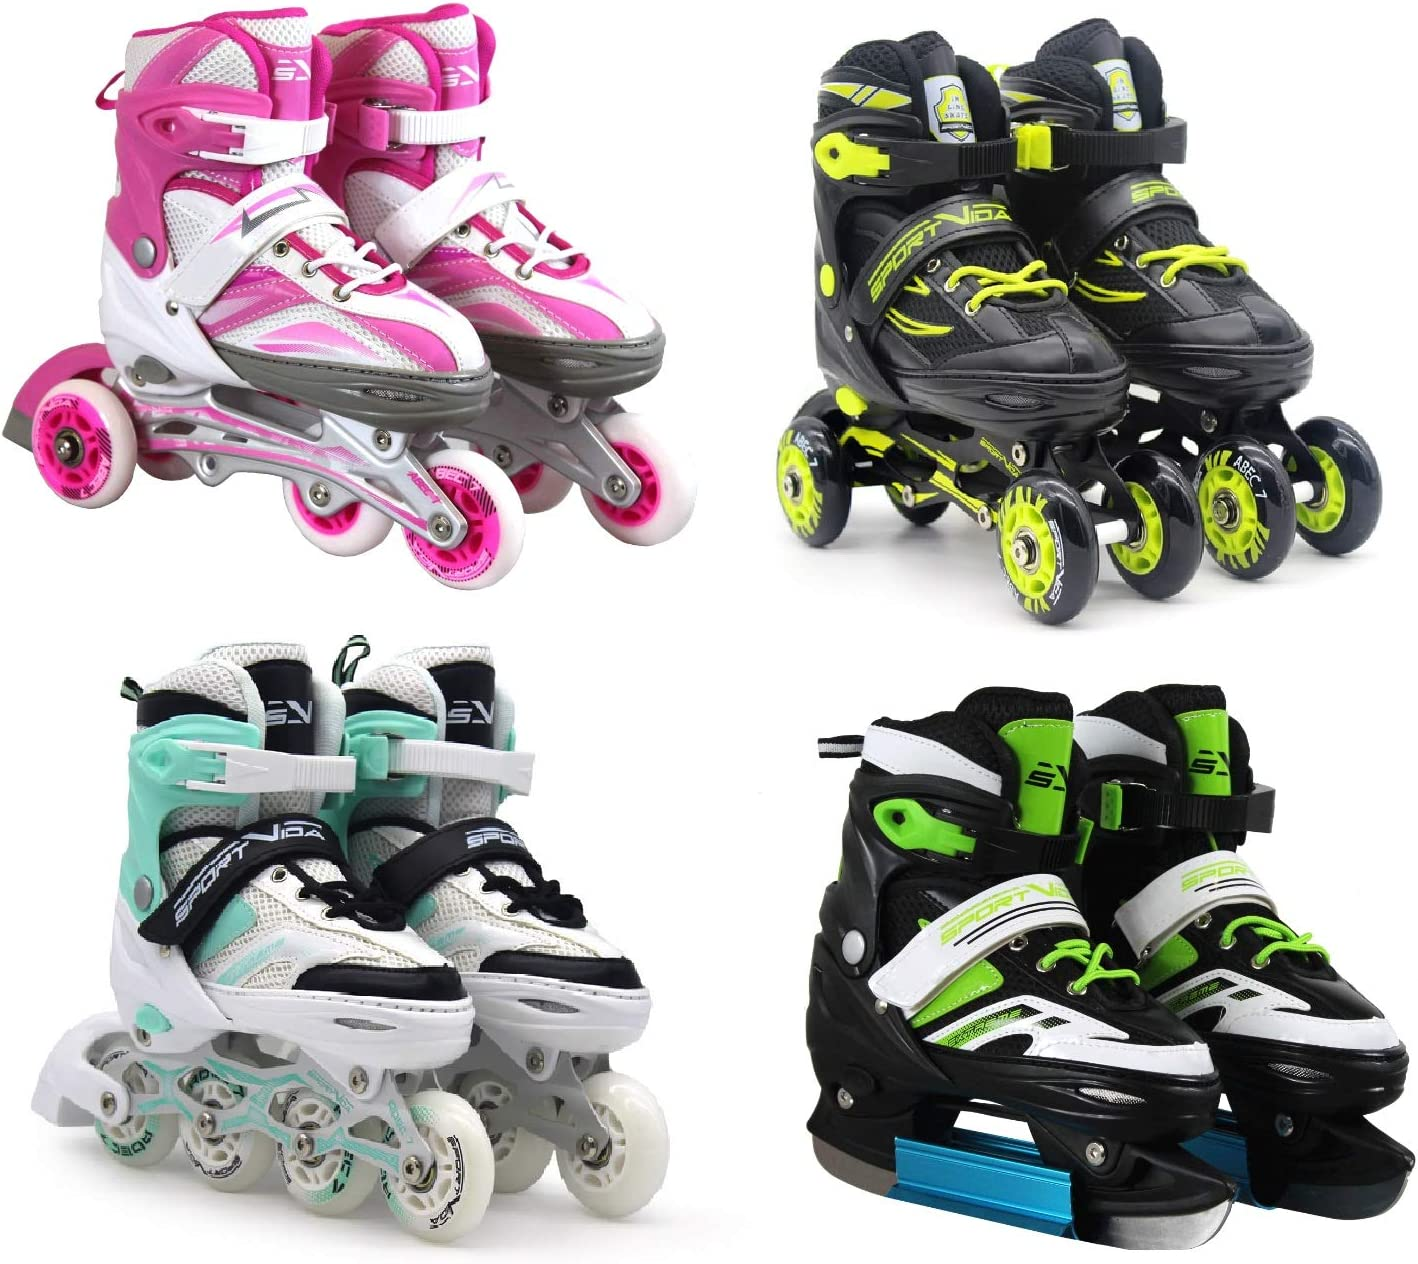 Patins /à roulettes//glace 4 en 1 SportVida Taille r/églable Pour enfants et adultes